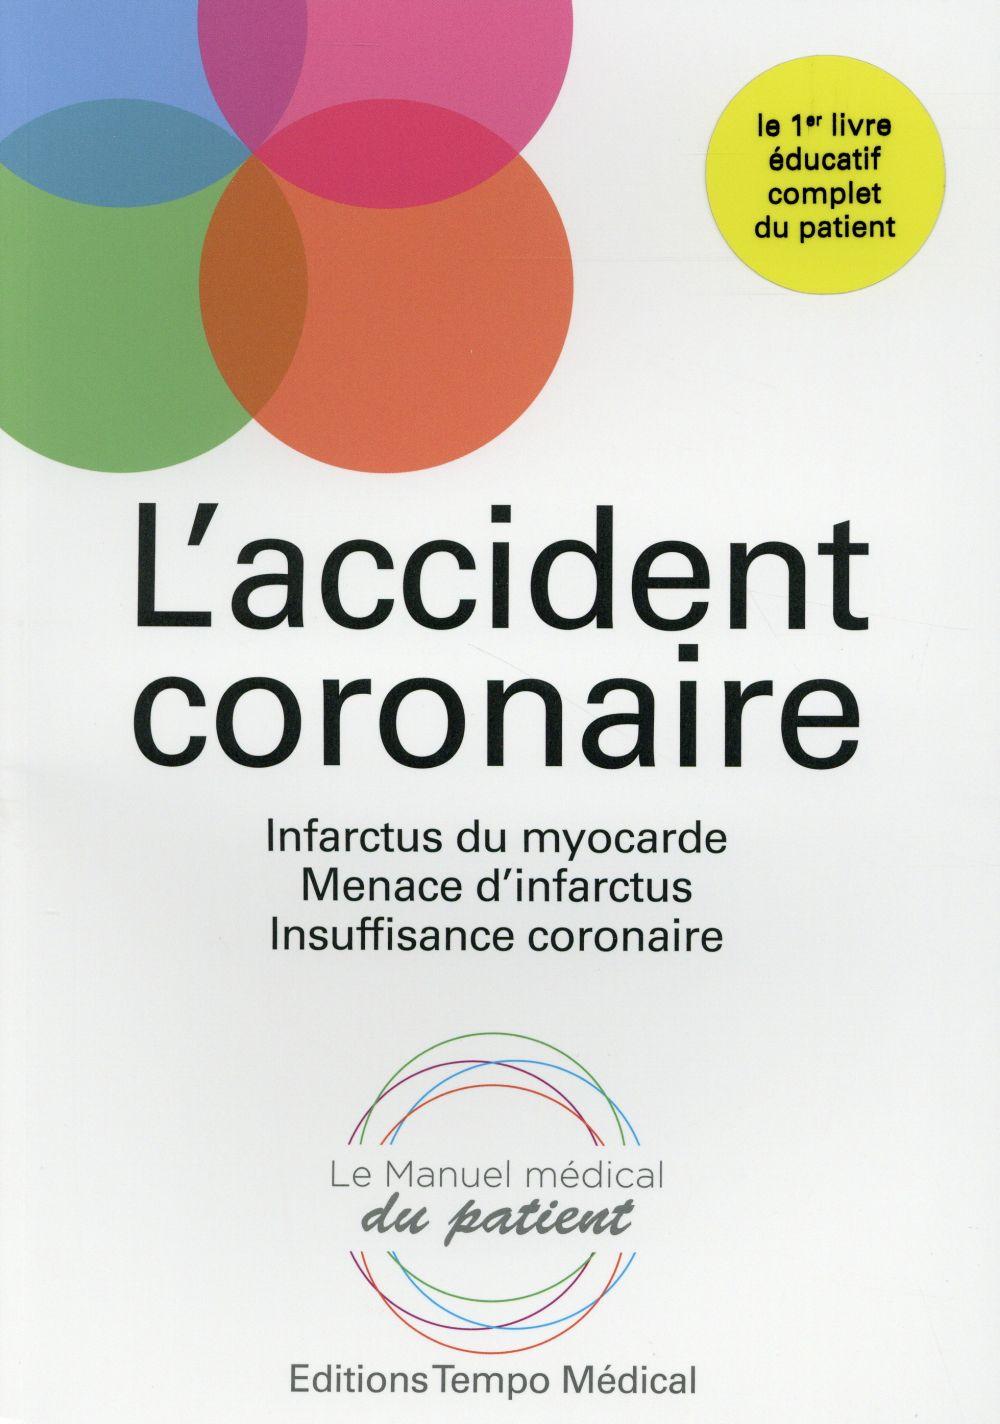 L'accident coronaire ; menace d'infarctus, infarctus du myocarde, insuffisance coronaire